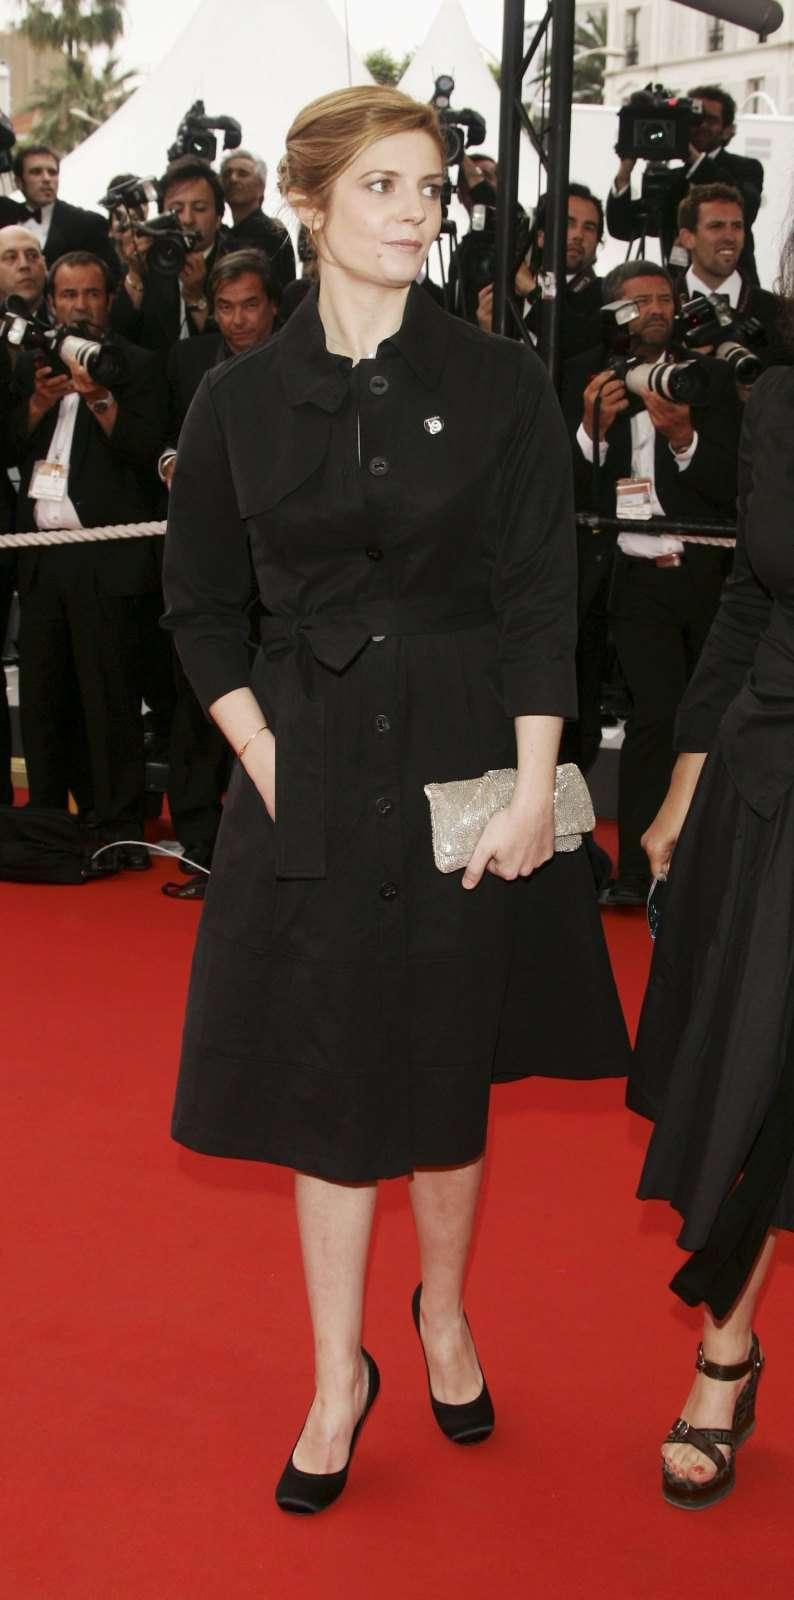 Catherine Deneuves einzige Tochter hat die umwerfende Schönheit sowie den entwaffnenden Charme ihrer Mutter geerbt